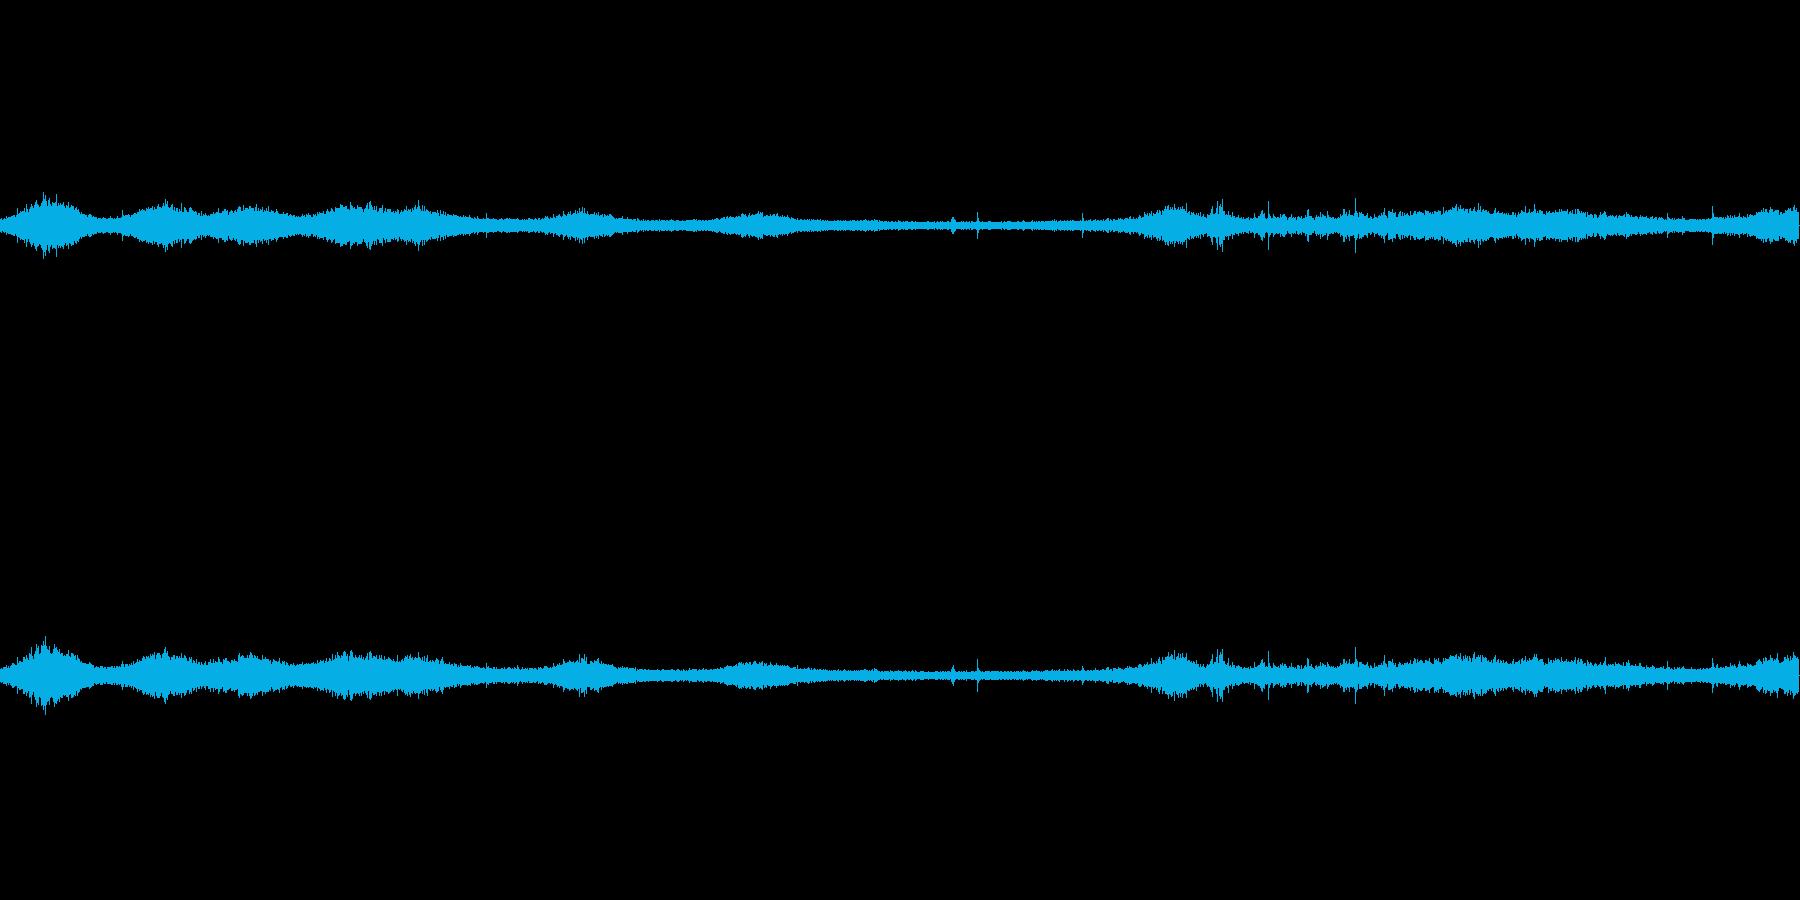 【生音】雷雨16 - 雨と雷と通行音 …の再生済みの波形